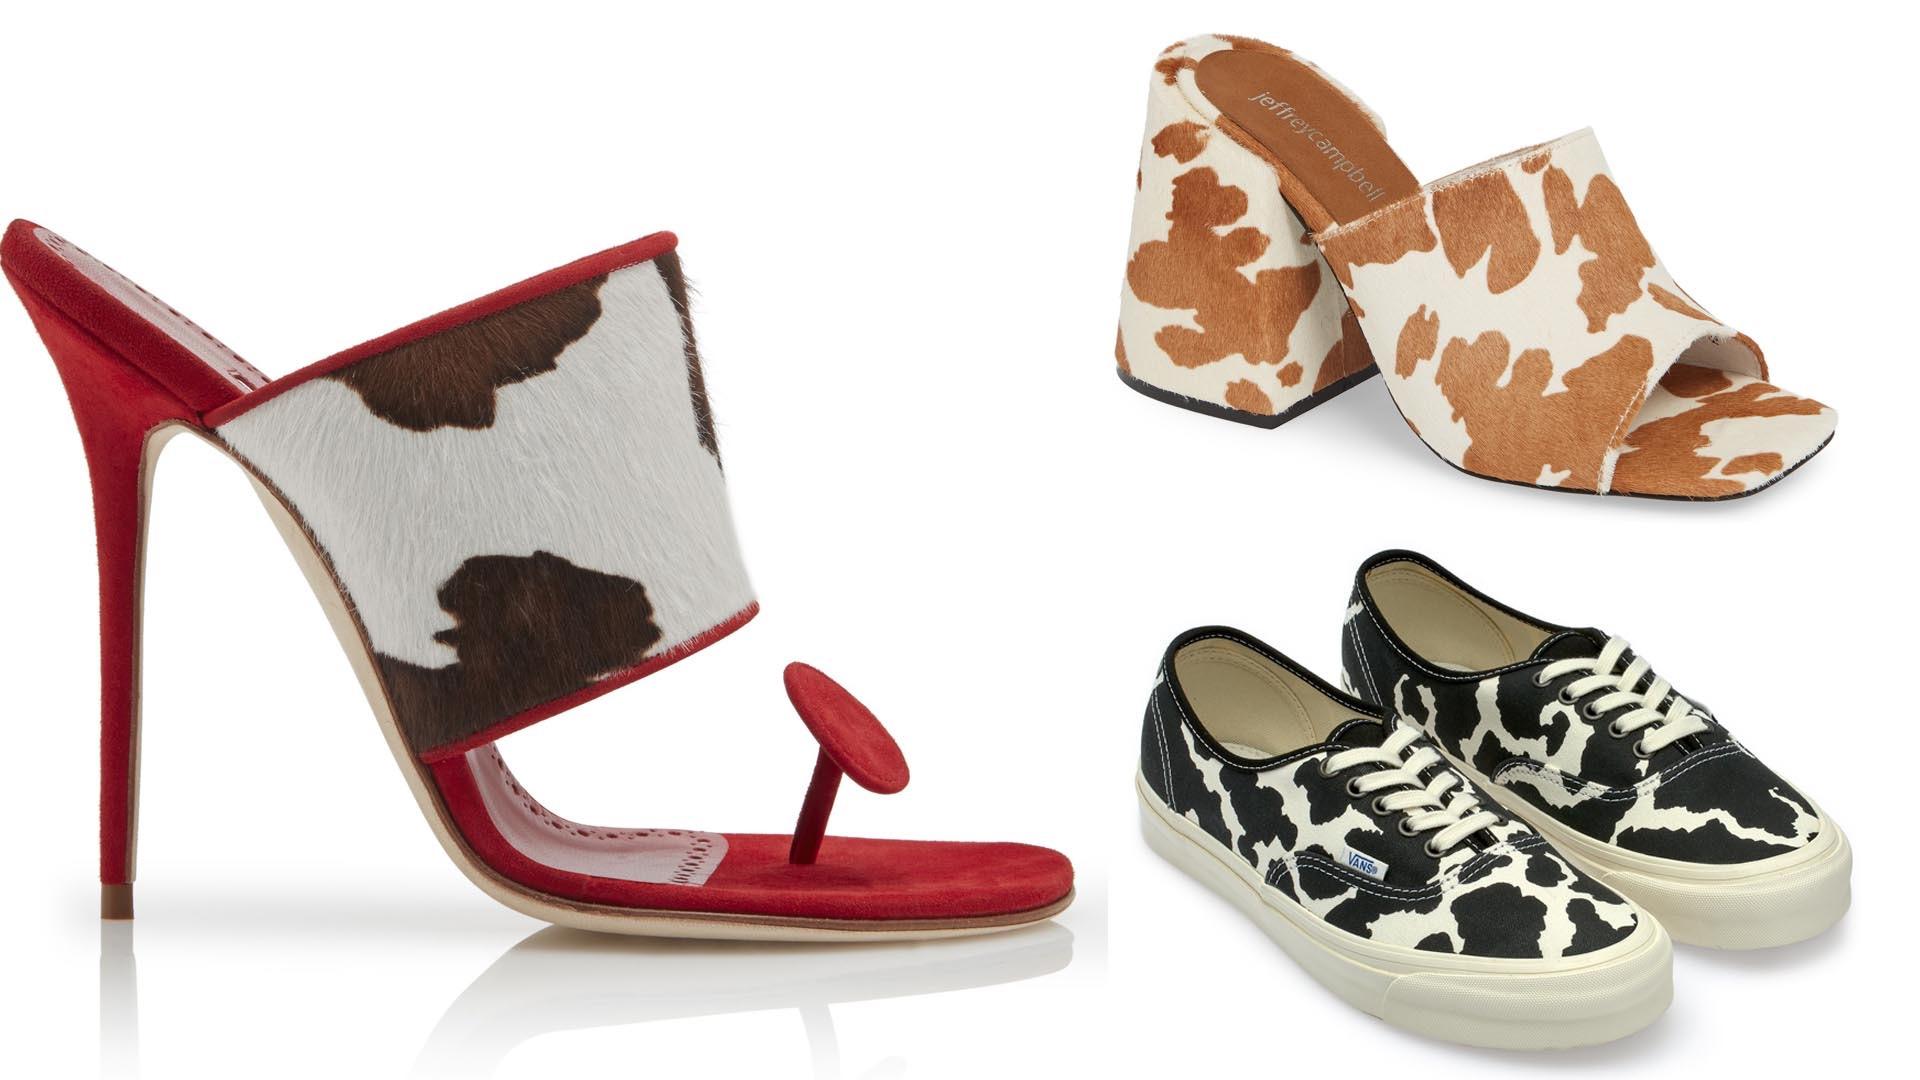 Sandalias de taco aguja de Manolo Blahnik, zuecos de Jeffrey Campbell y zapatillas Vans.